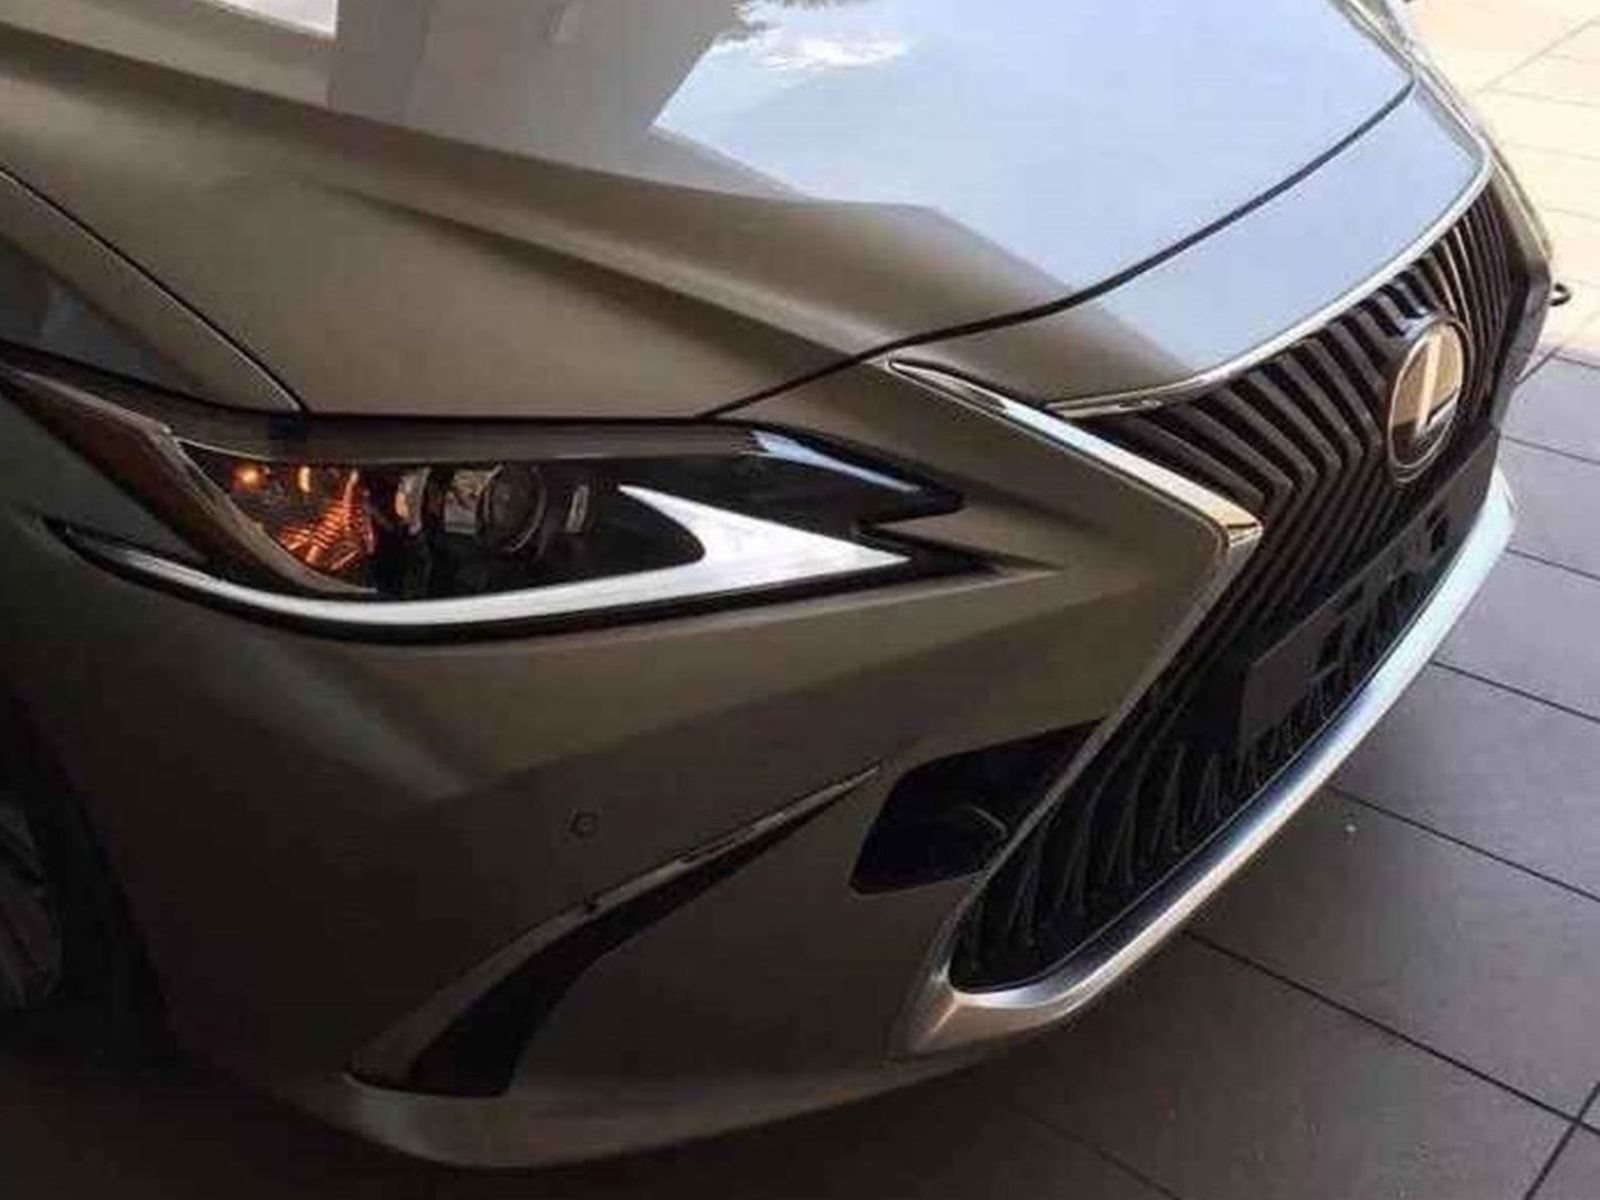 Всего несколько дней назад просочившееся фото нового поколения седьмого поколения Lexus ES появилось в Интернете, показывая обновленную переднюю часть автомобиля, вдохновленную более крупным LS. А теперь Lexus выпустил первый официальный тизер предст